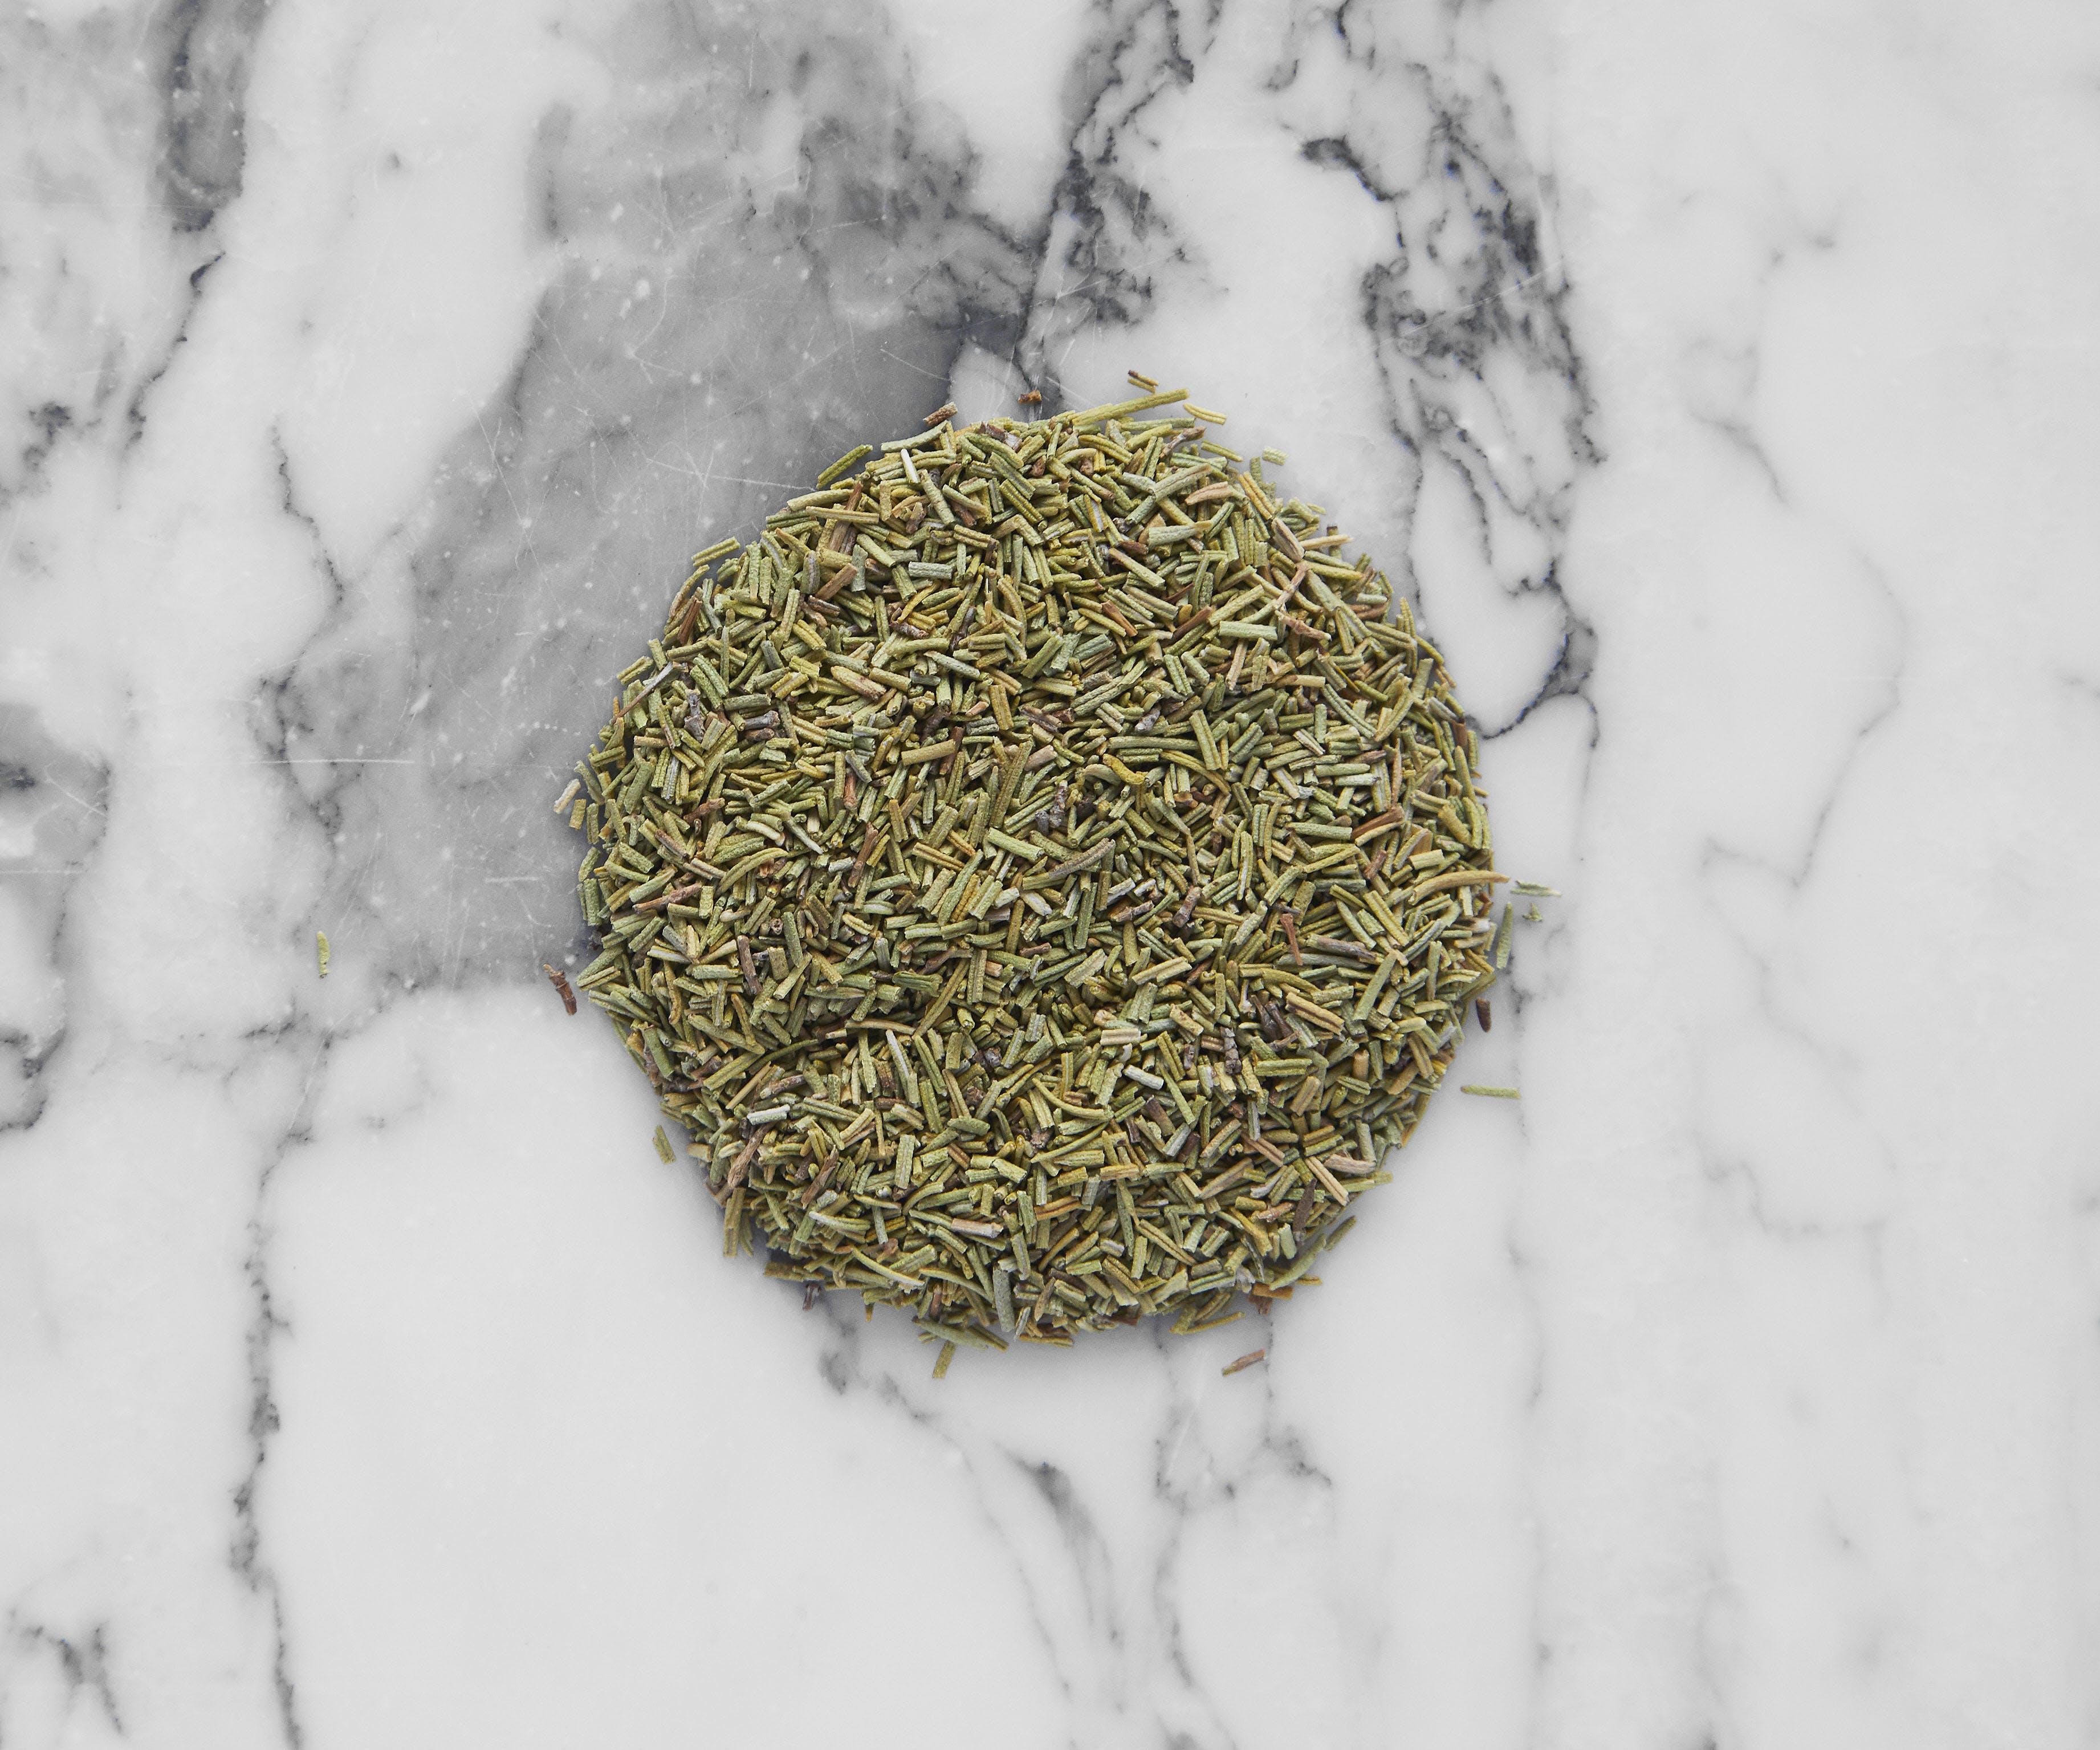 Organic Dried Rosemary